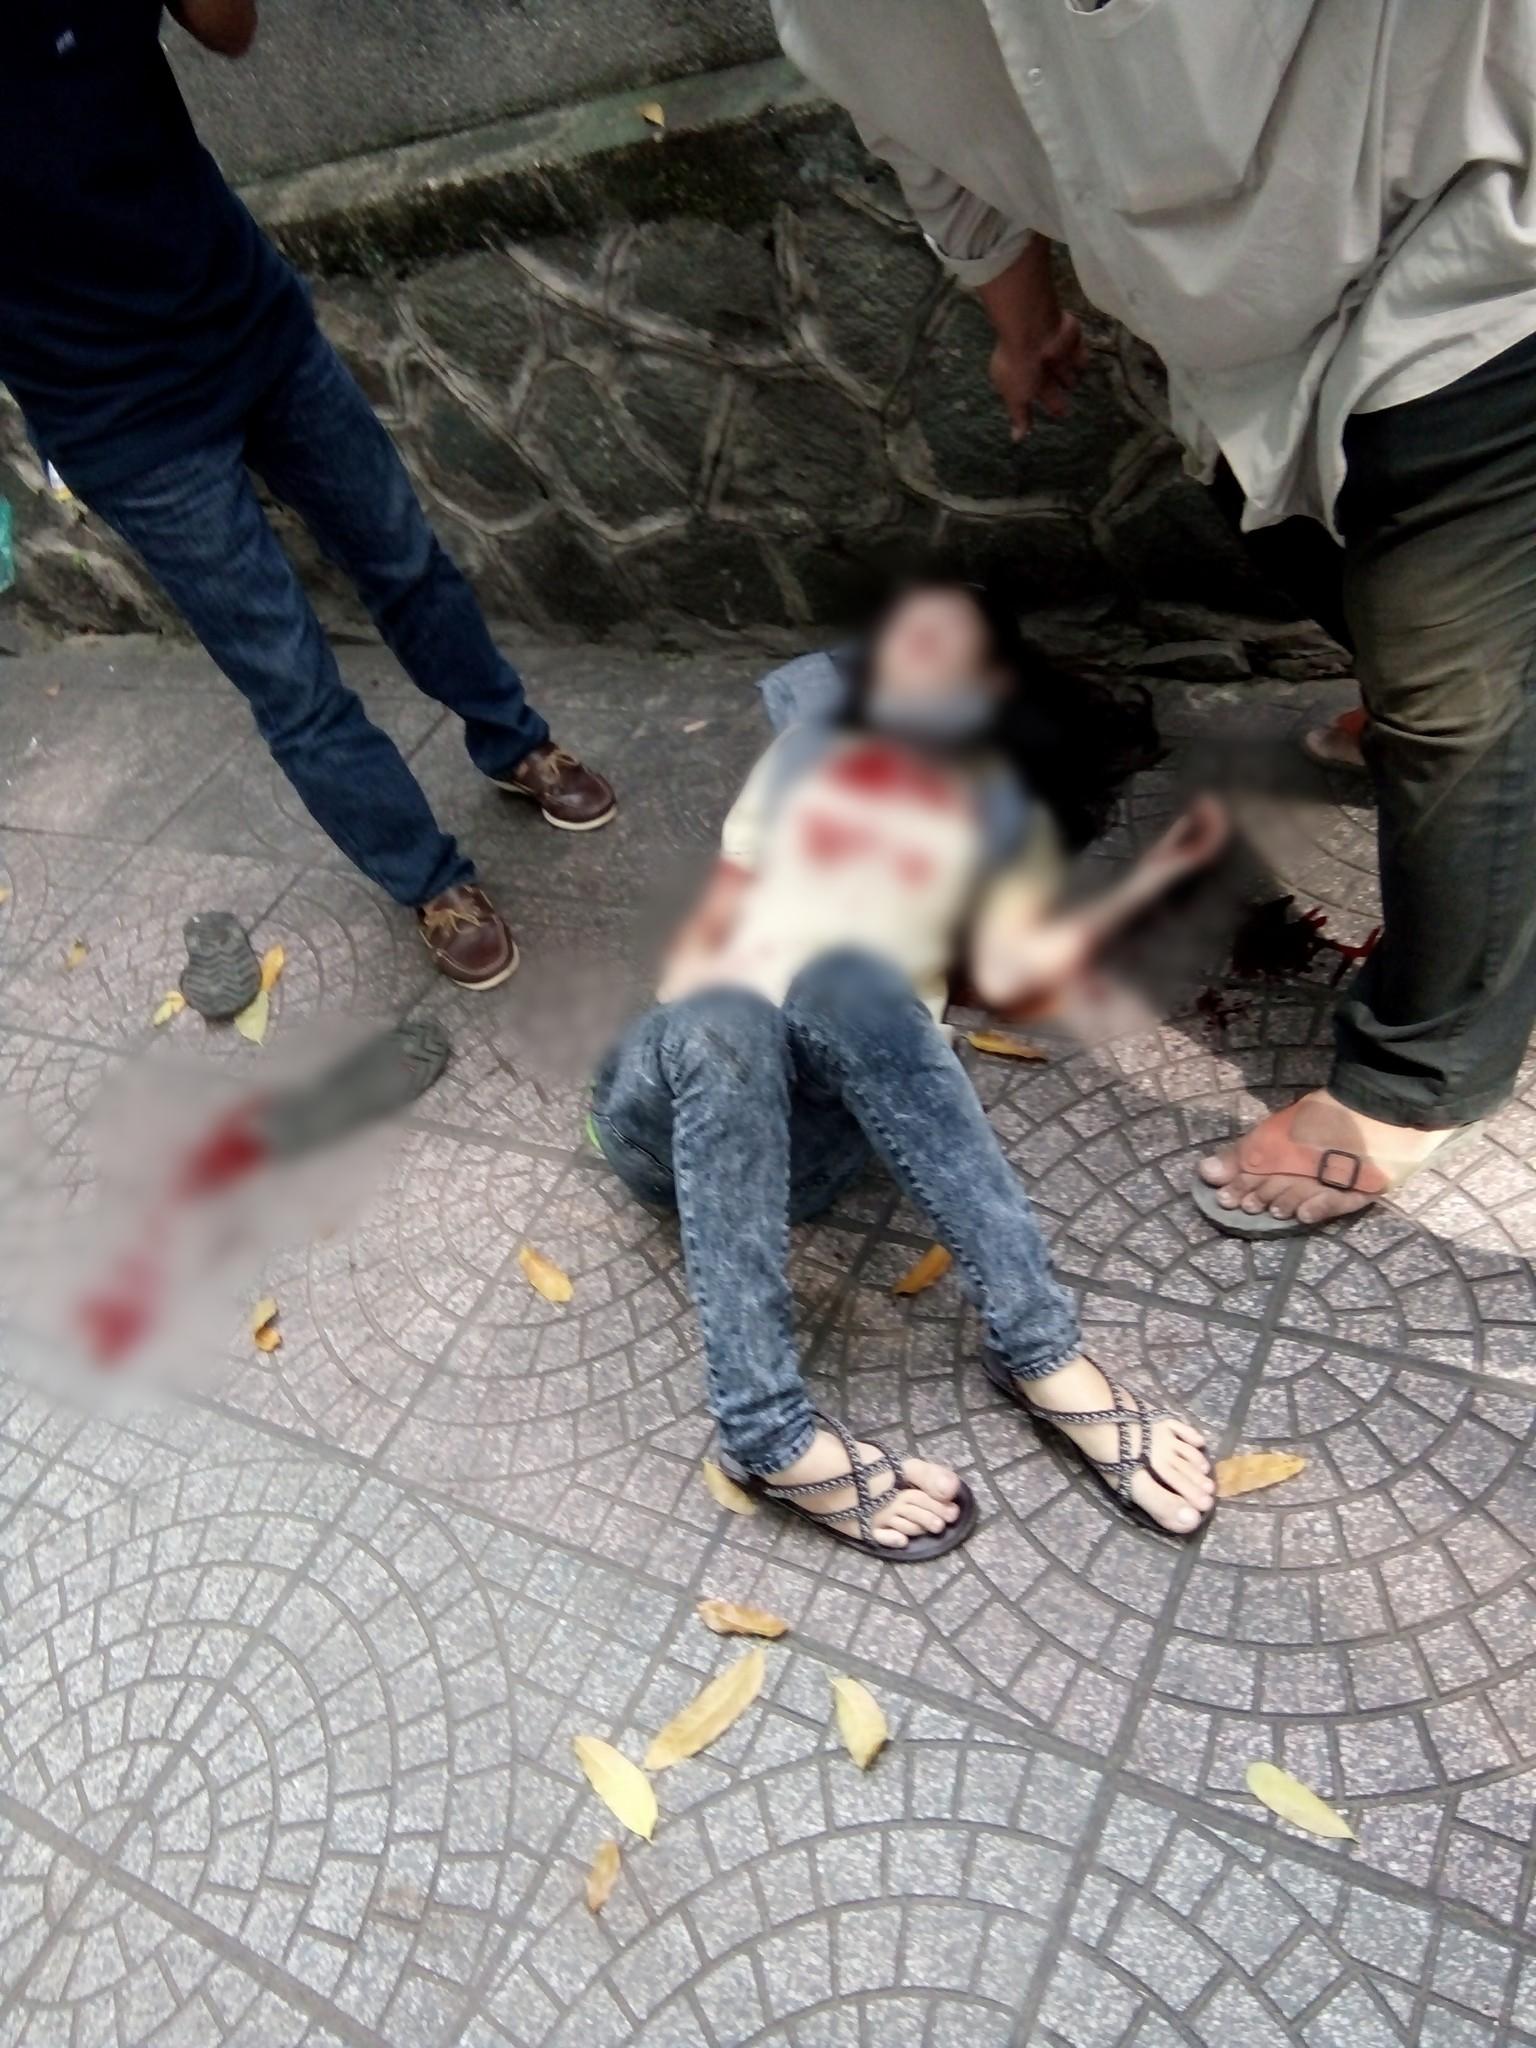 Nam thanh niên dùng dao đâm bạn gái rồi tự sát ở trung tâm Sài Gòn - Ảnh 2.